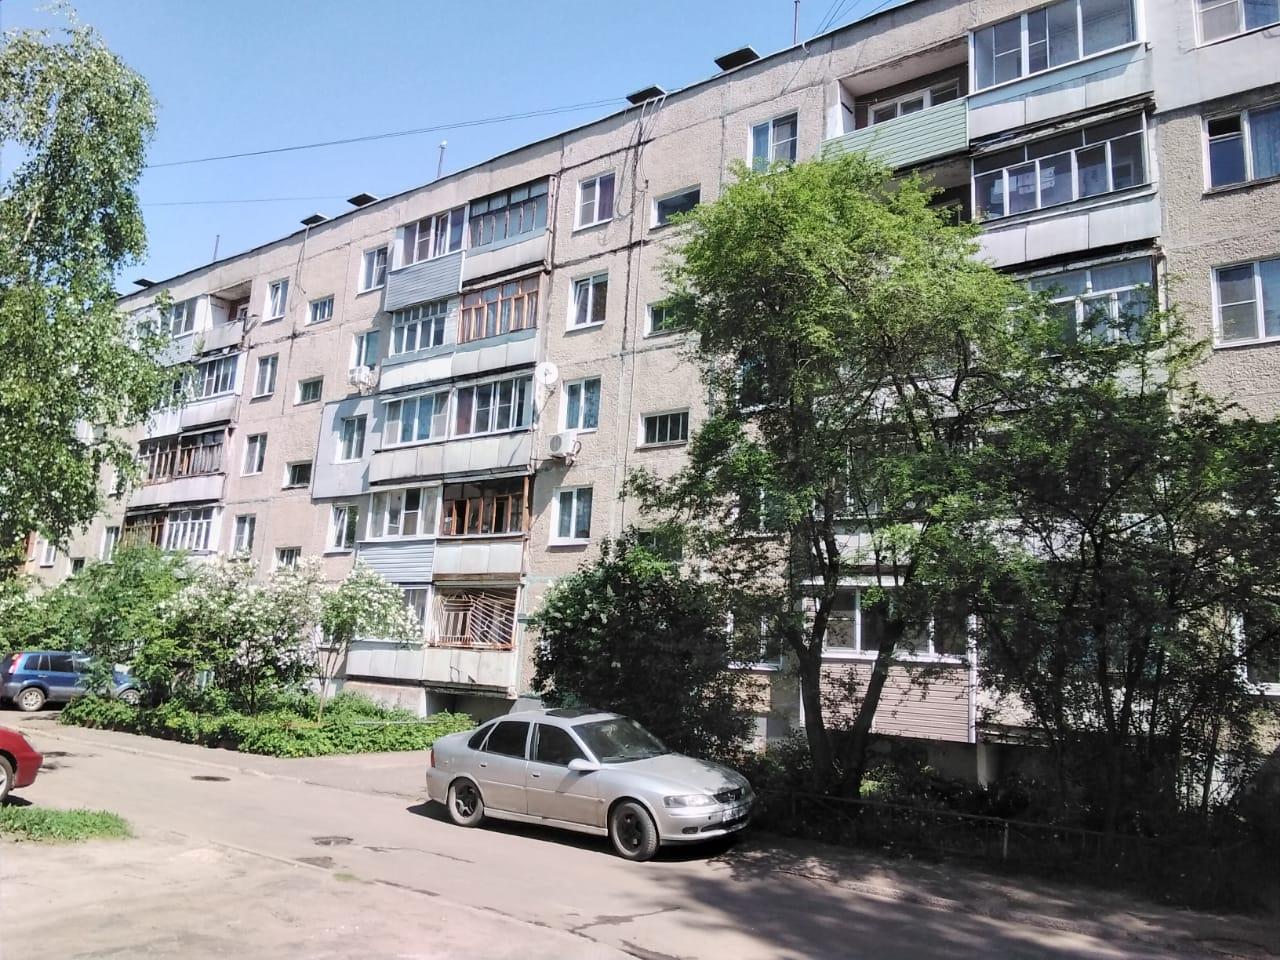 Системы теплоснабжения в этом году отремонтируют в 48 многоквартирных домах Ярославской области